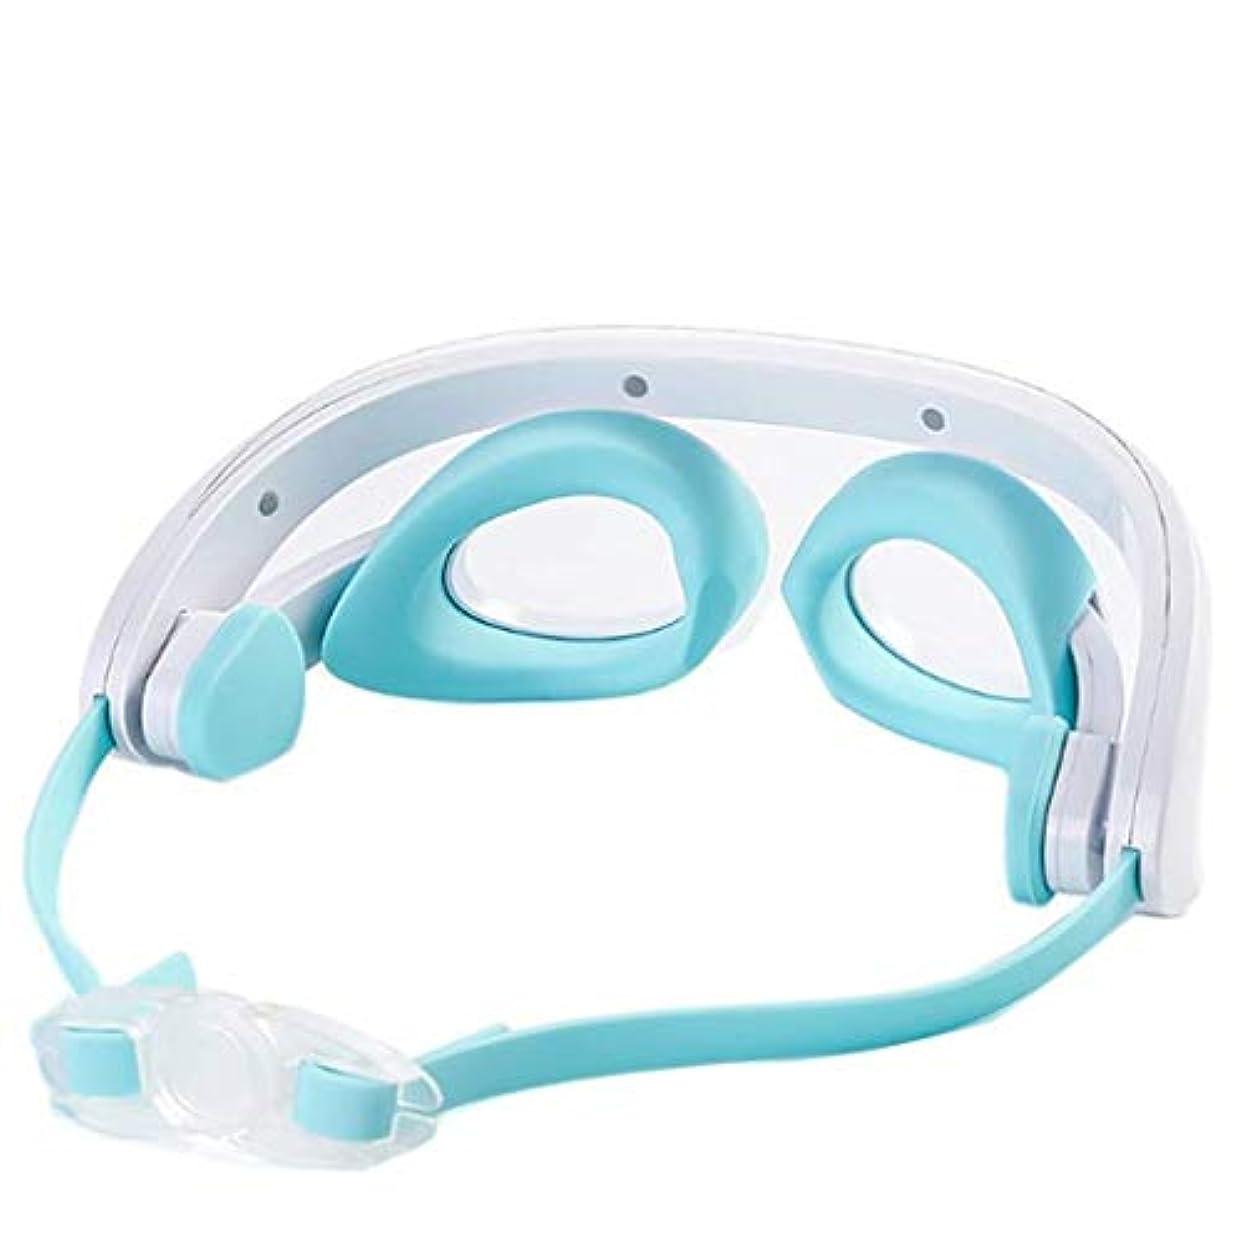 コンチネンタル用心する倍増アイマッサージャー、LEDスマートアイマッサージツール、3つのモード、一定温度のホットコンプレス、目の疲労の緩和、睡眠の促進、持ち運びが簡単、ホームオフィス旅行